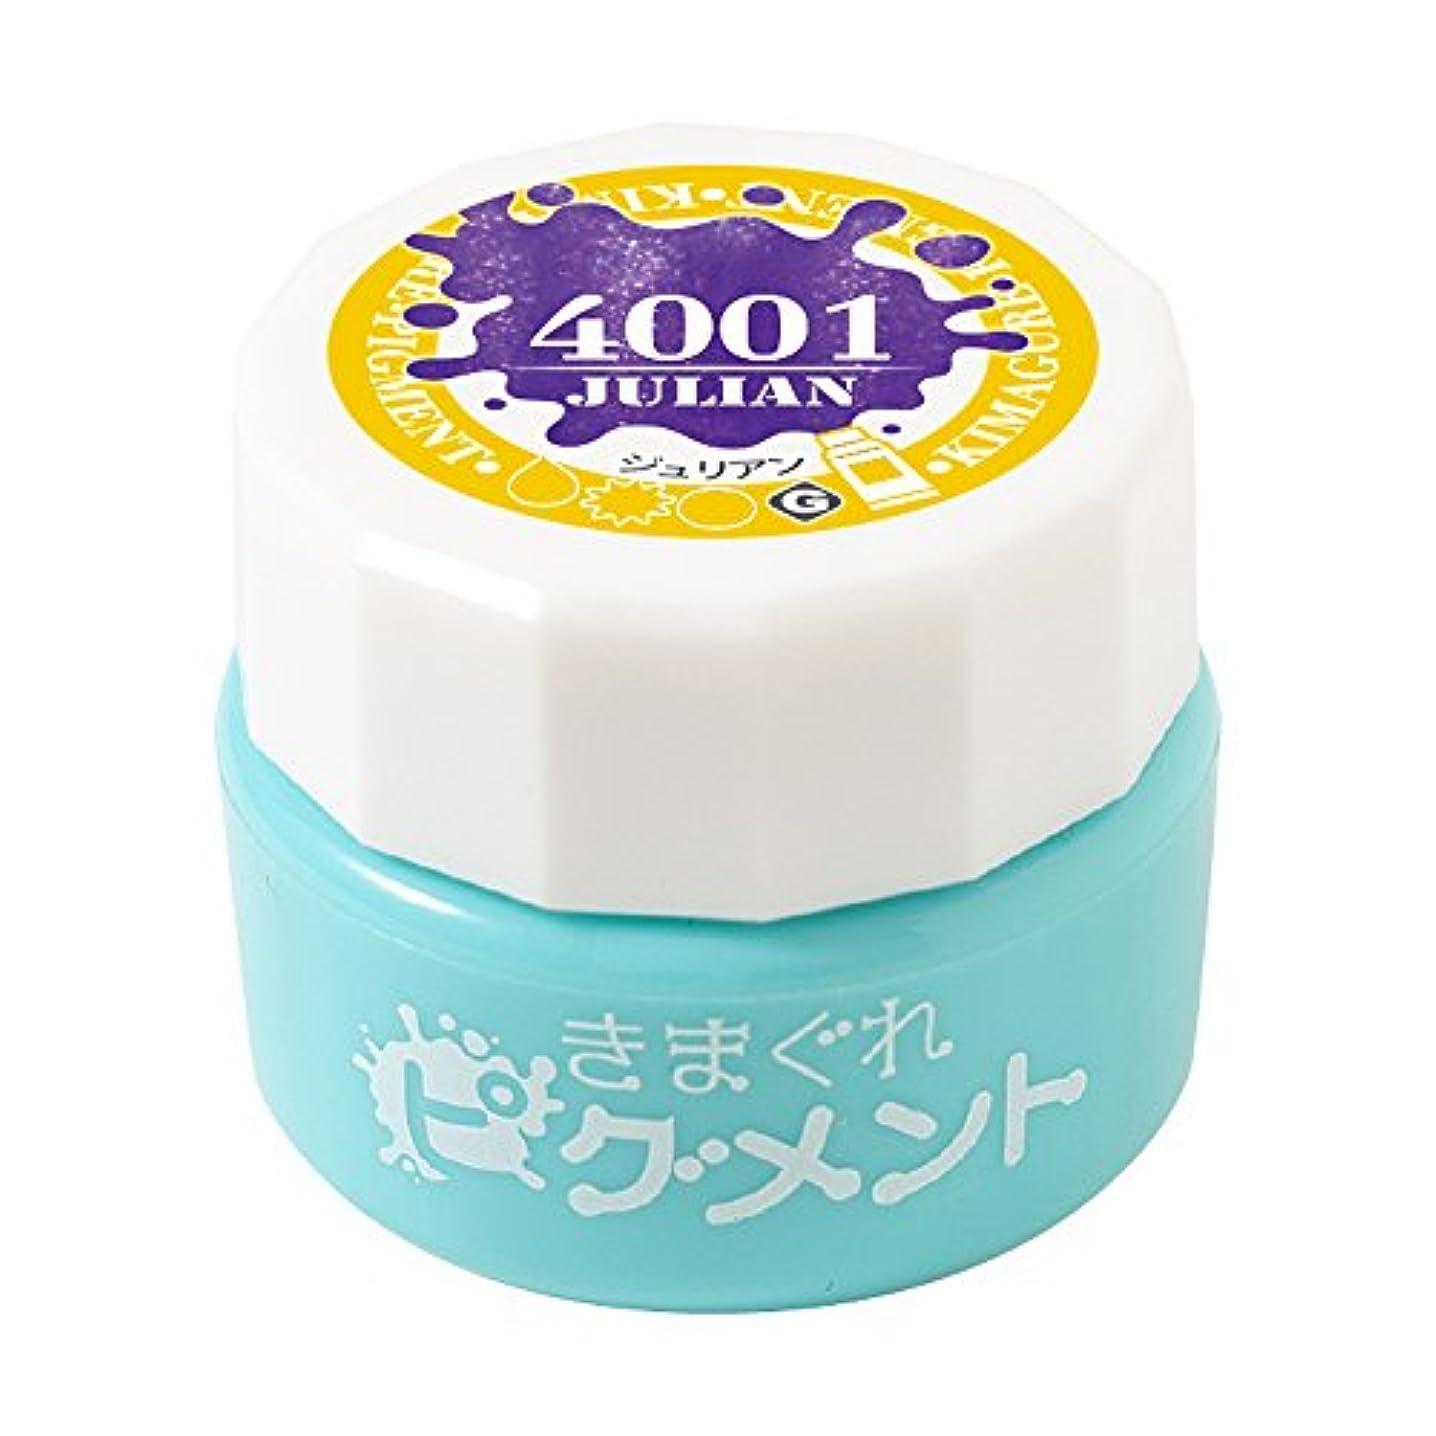 薄汚い分配します不愉快Bettygel きまぐれピグメント ジュリアン QYJ-4001 4g UV/LED対応